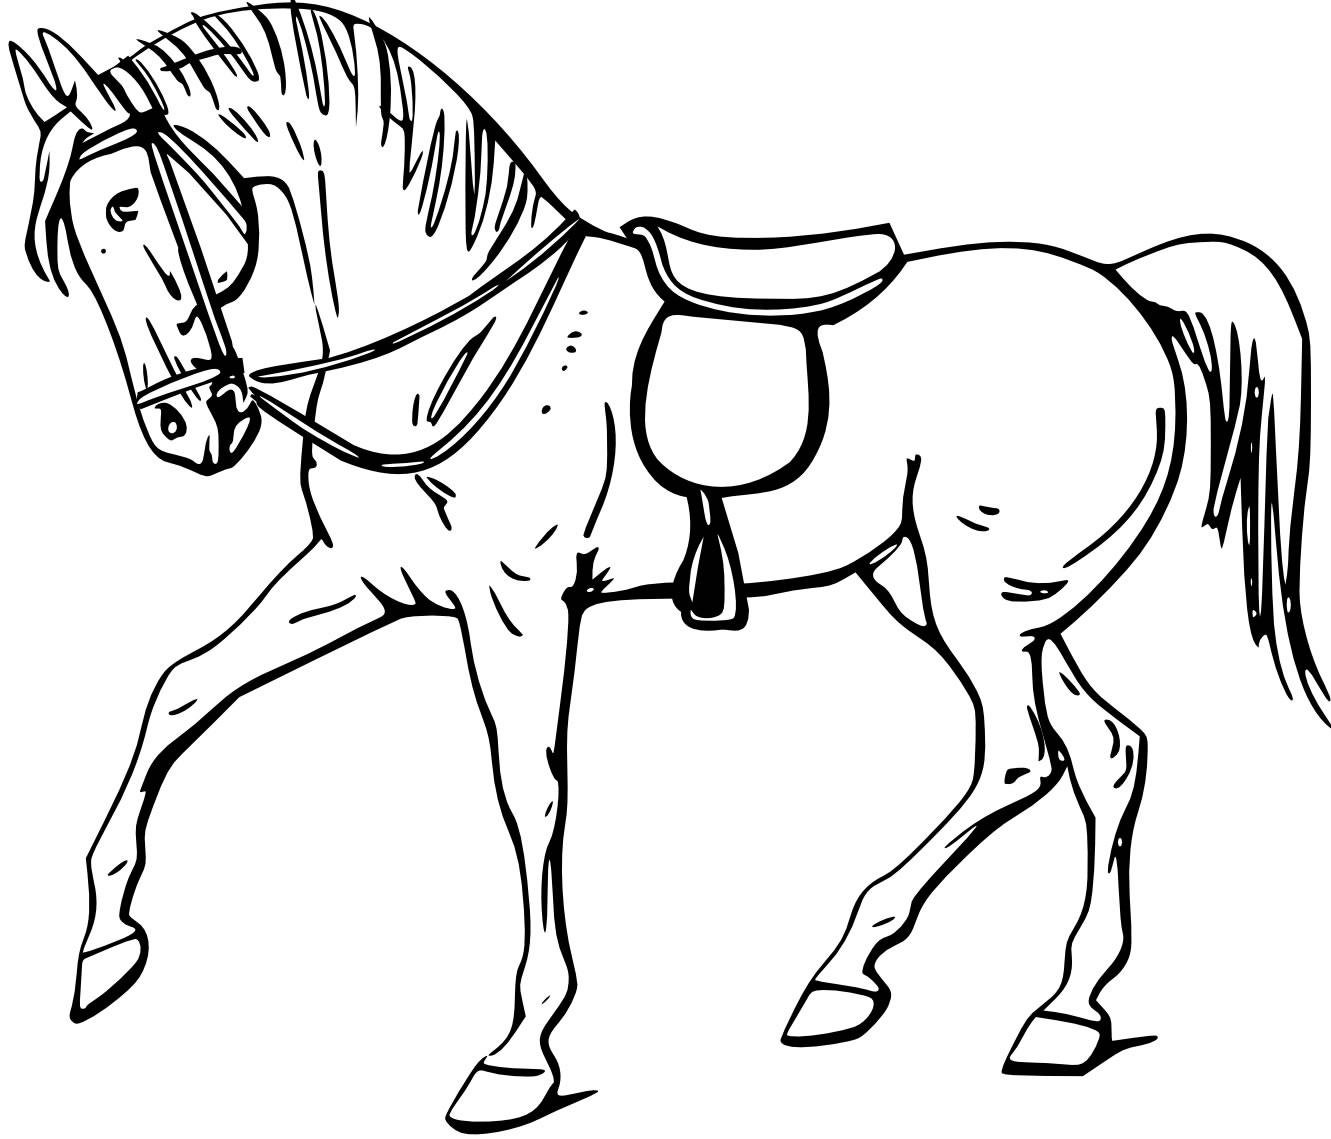 Dibujos de caballos para colorear.